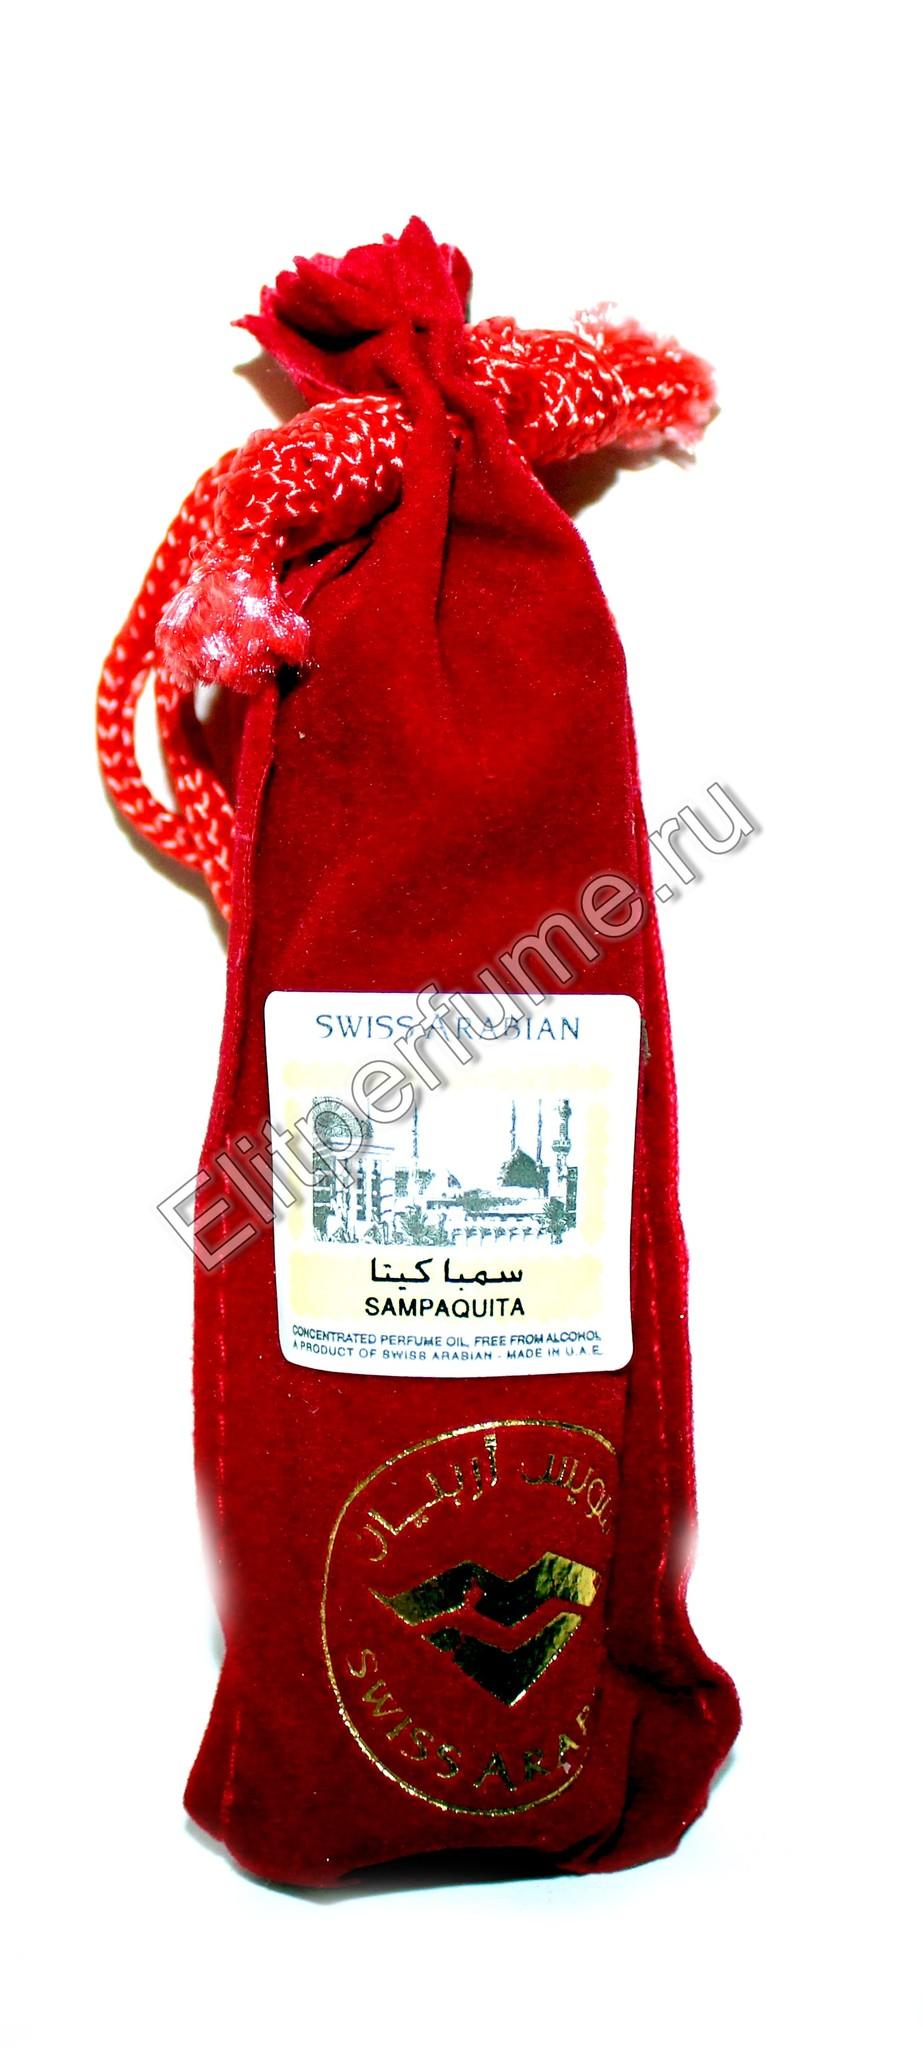 Sampaquita Сампакуита 10 мл арабские масляные духи от Свисс Арабиан Swiss Arabian